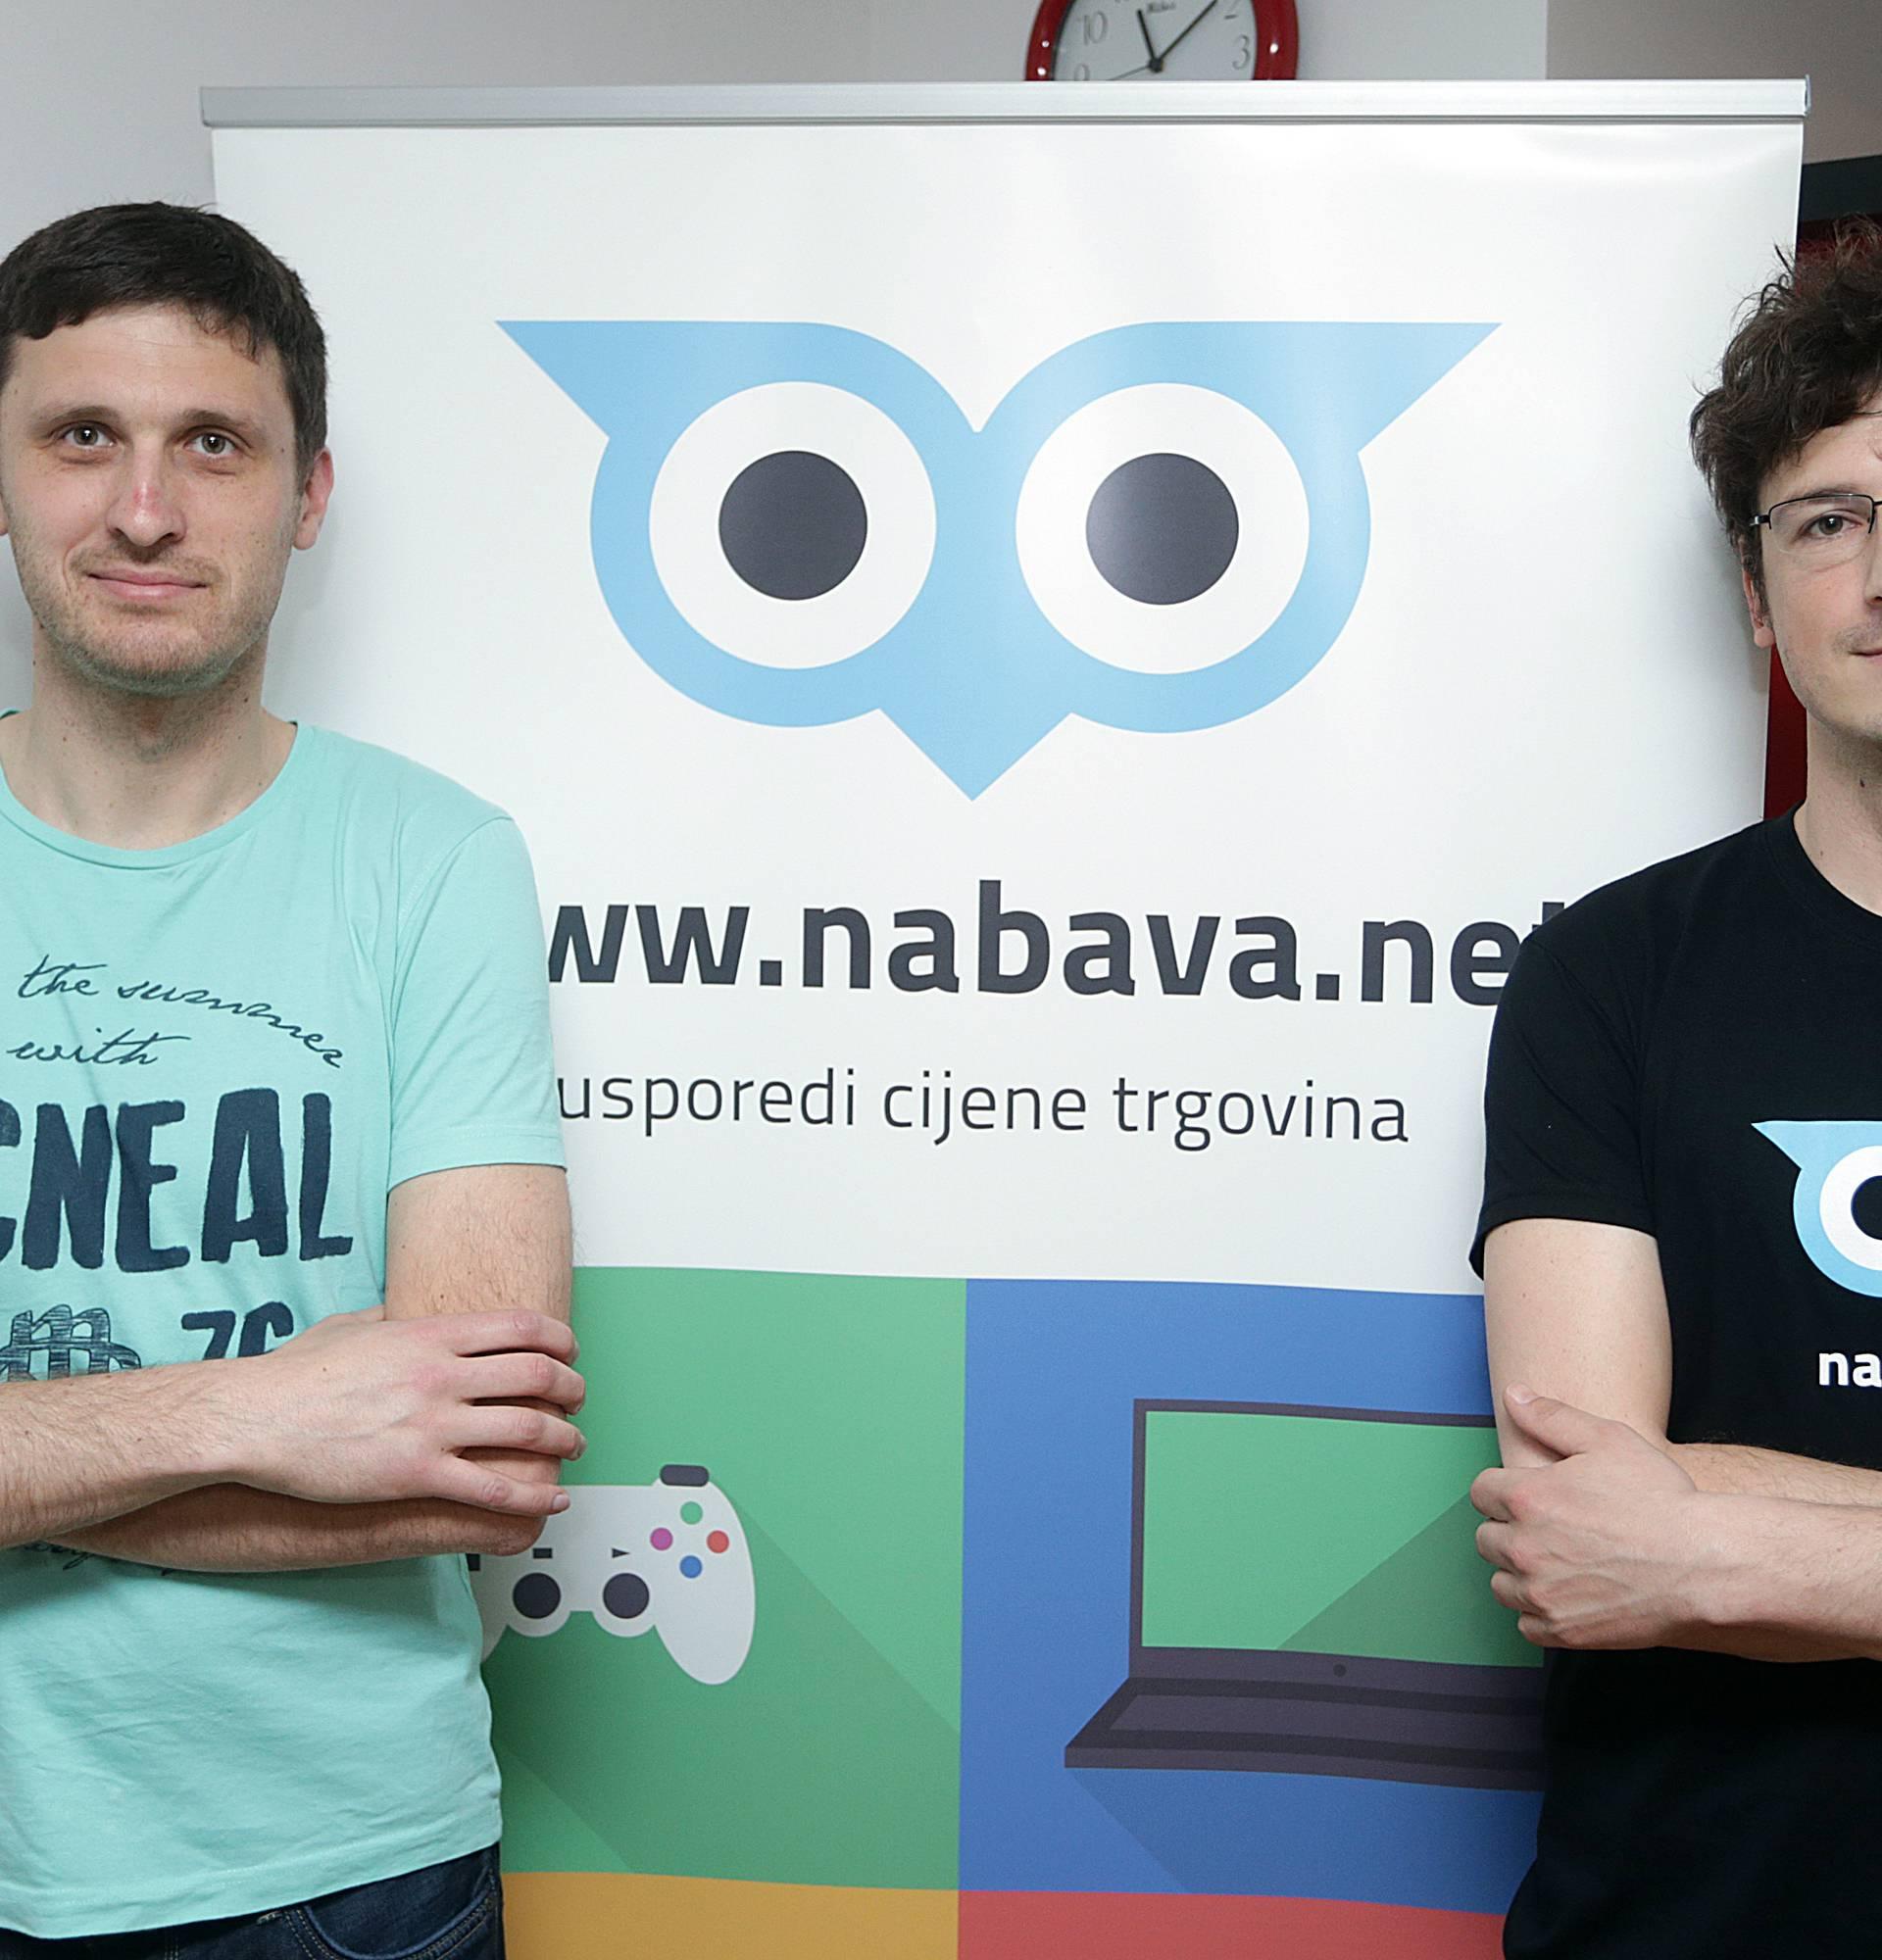 Nabava.net objavila prvu našu aplikaciju za usporedbu cijena